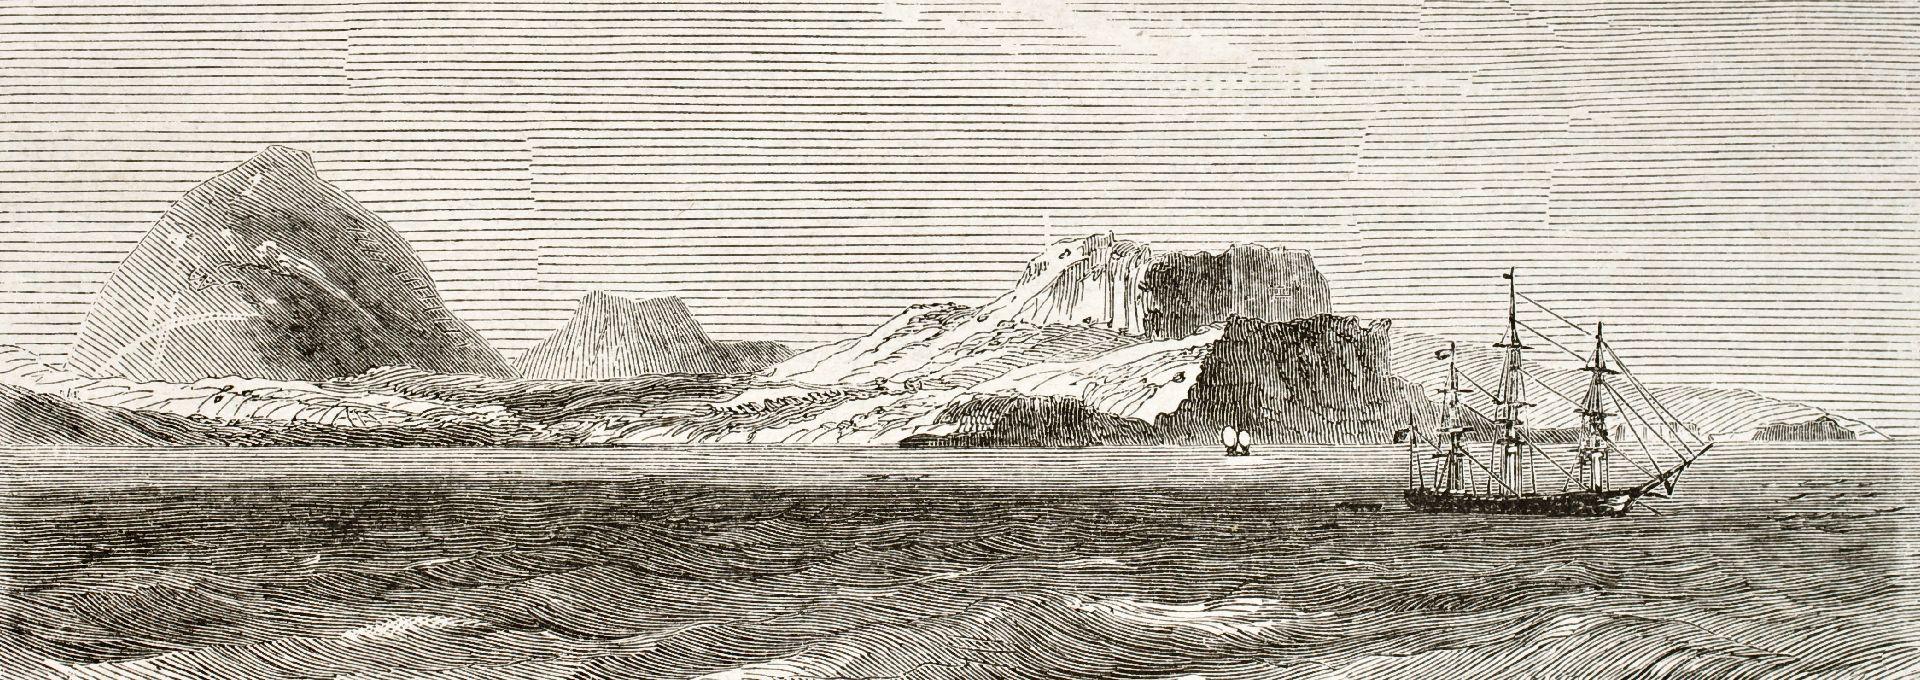 Human history of the galapagos